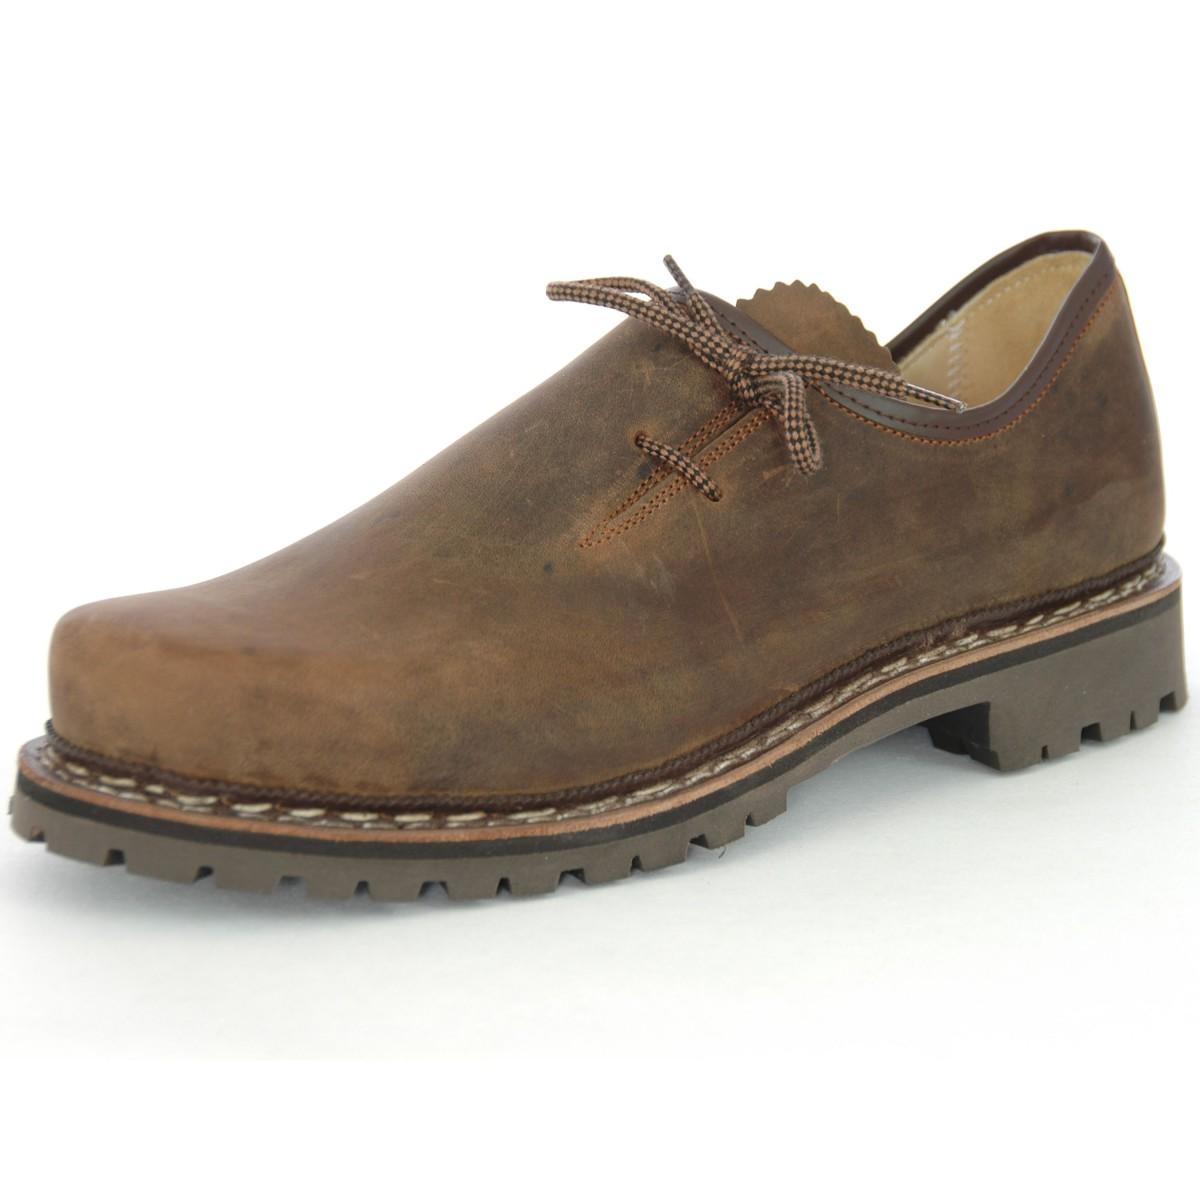 Schuhe zur tracht haferlschuhe aus kunstleder for Trachten finest